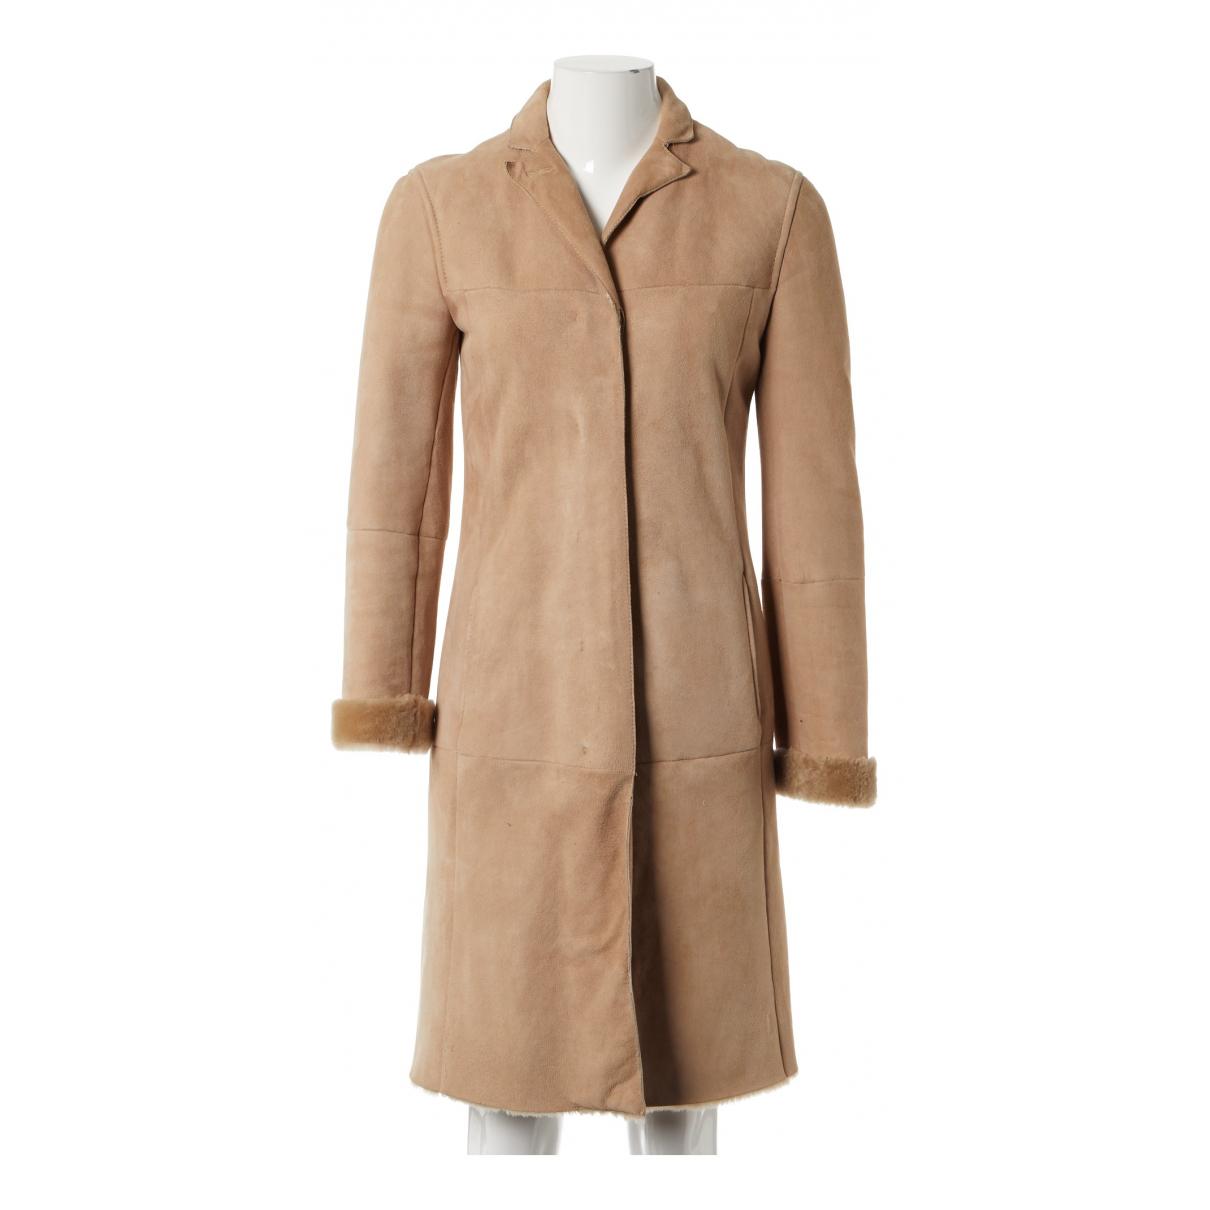 Max Mara s - Manteau   pour femme en mouton - beige